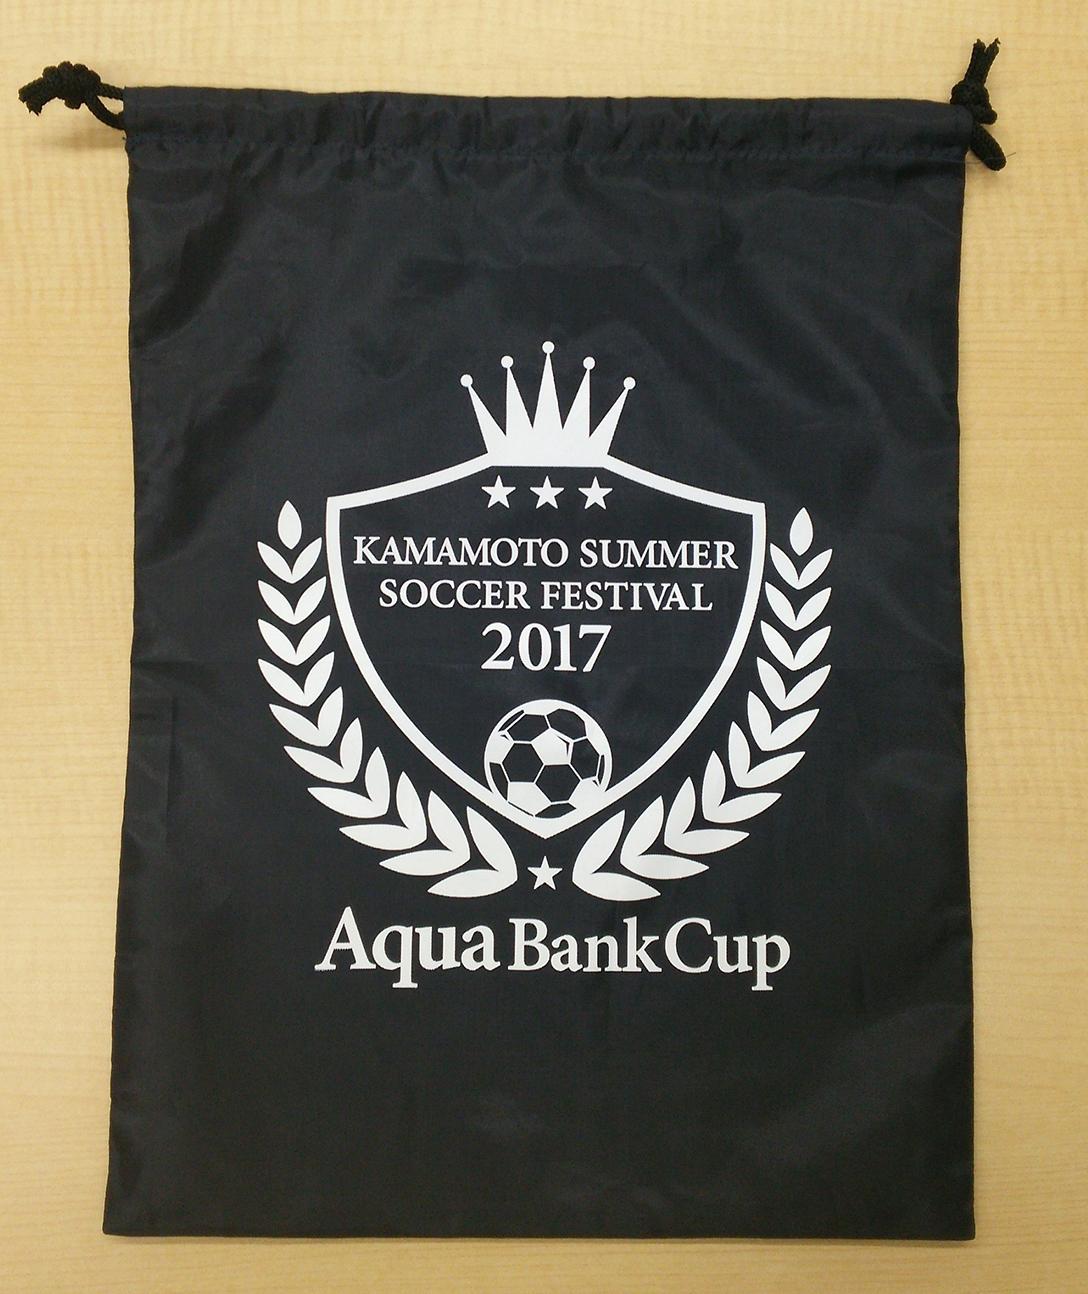 アクアバンクカップロゴ入り参加賞のシューズ袋